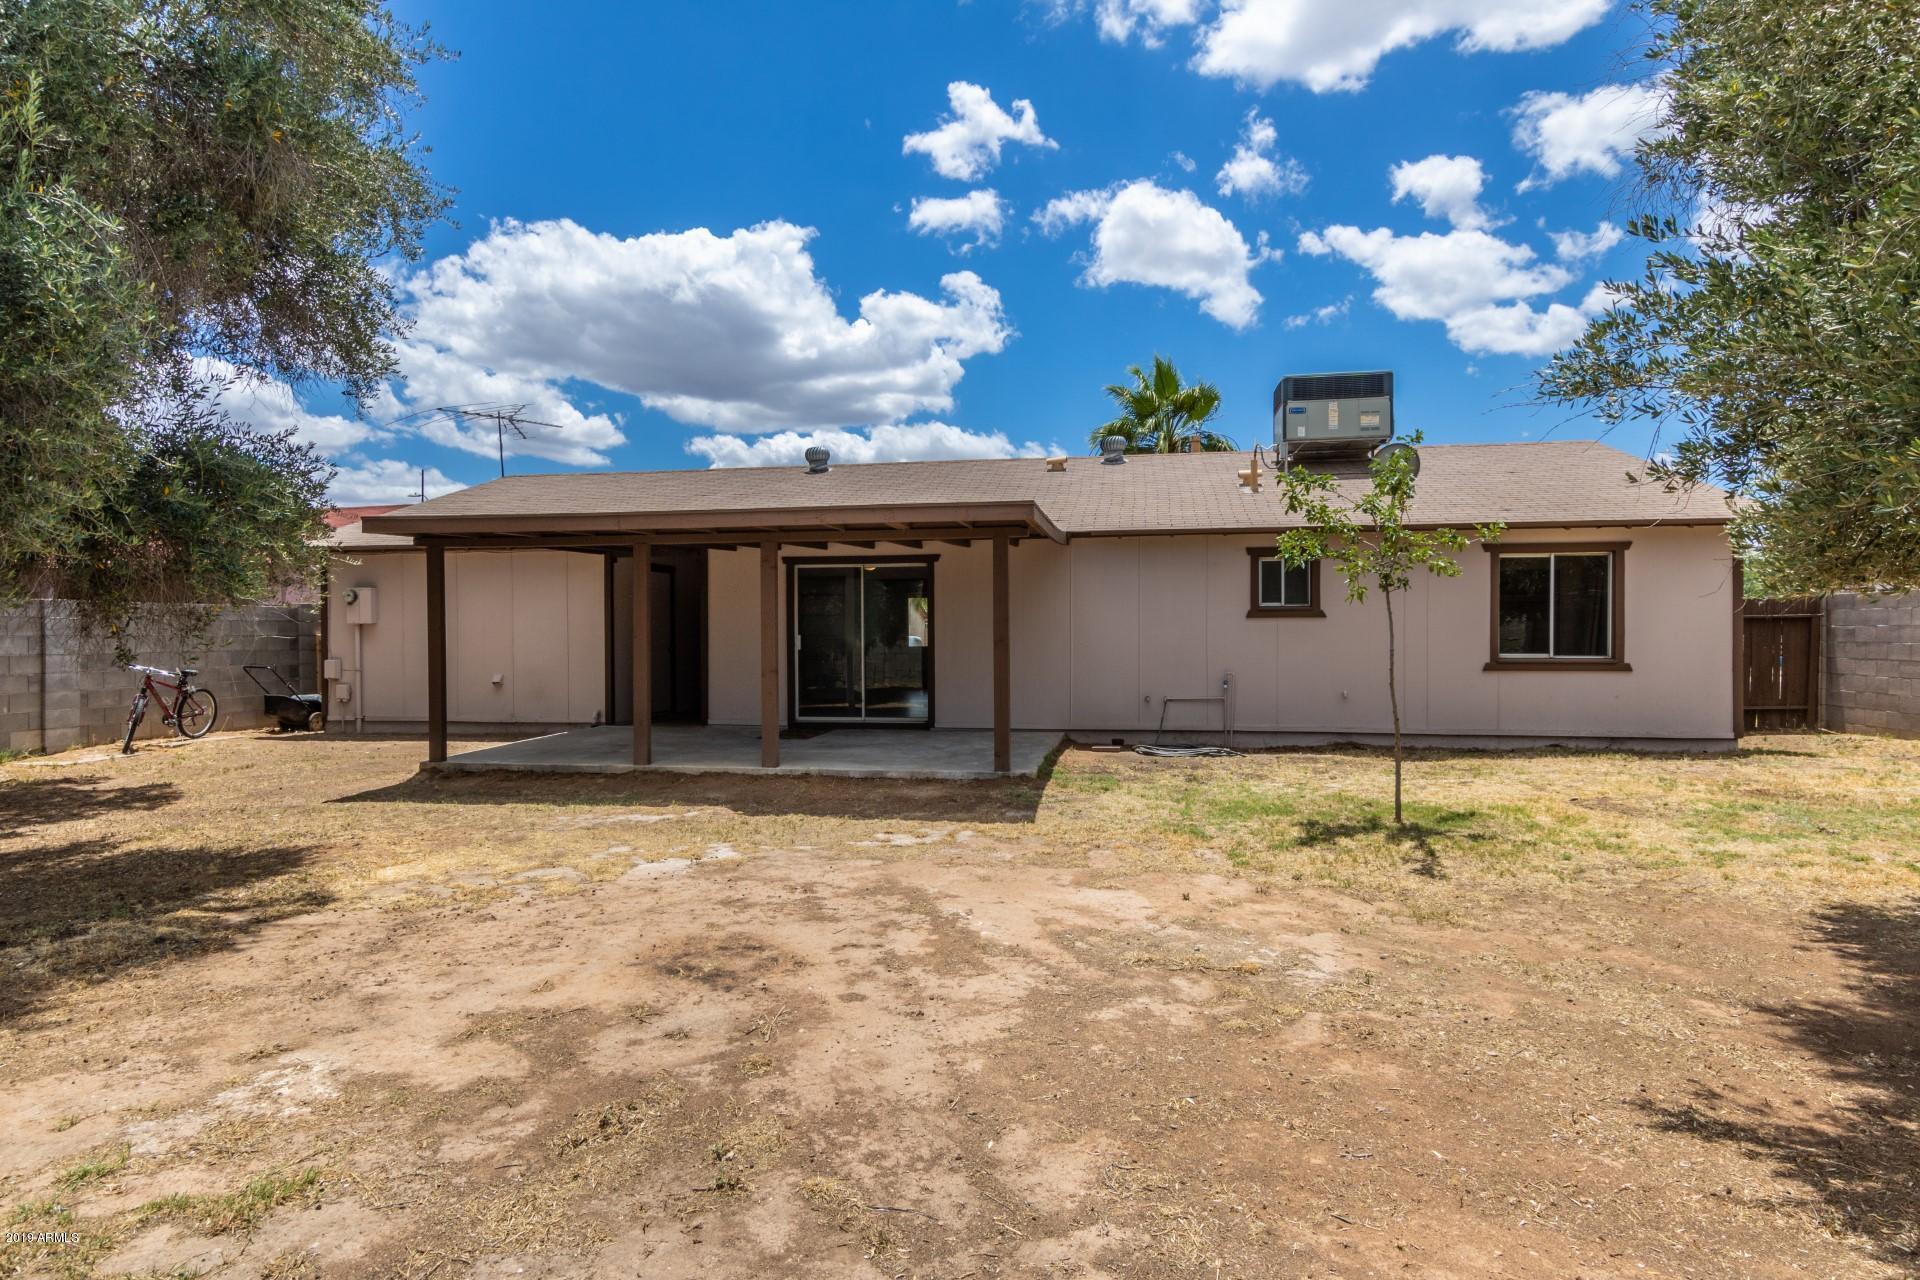 MLS 5932023 3844 E FRIESS Drive, Phoenix, AZ 85032 Phoenix AZ Paradise Valley Oasis